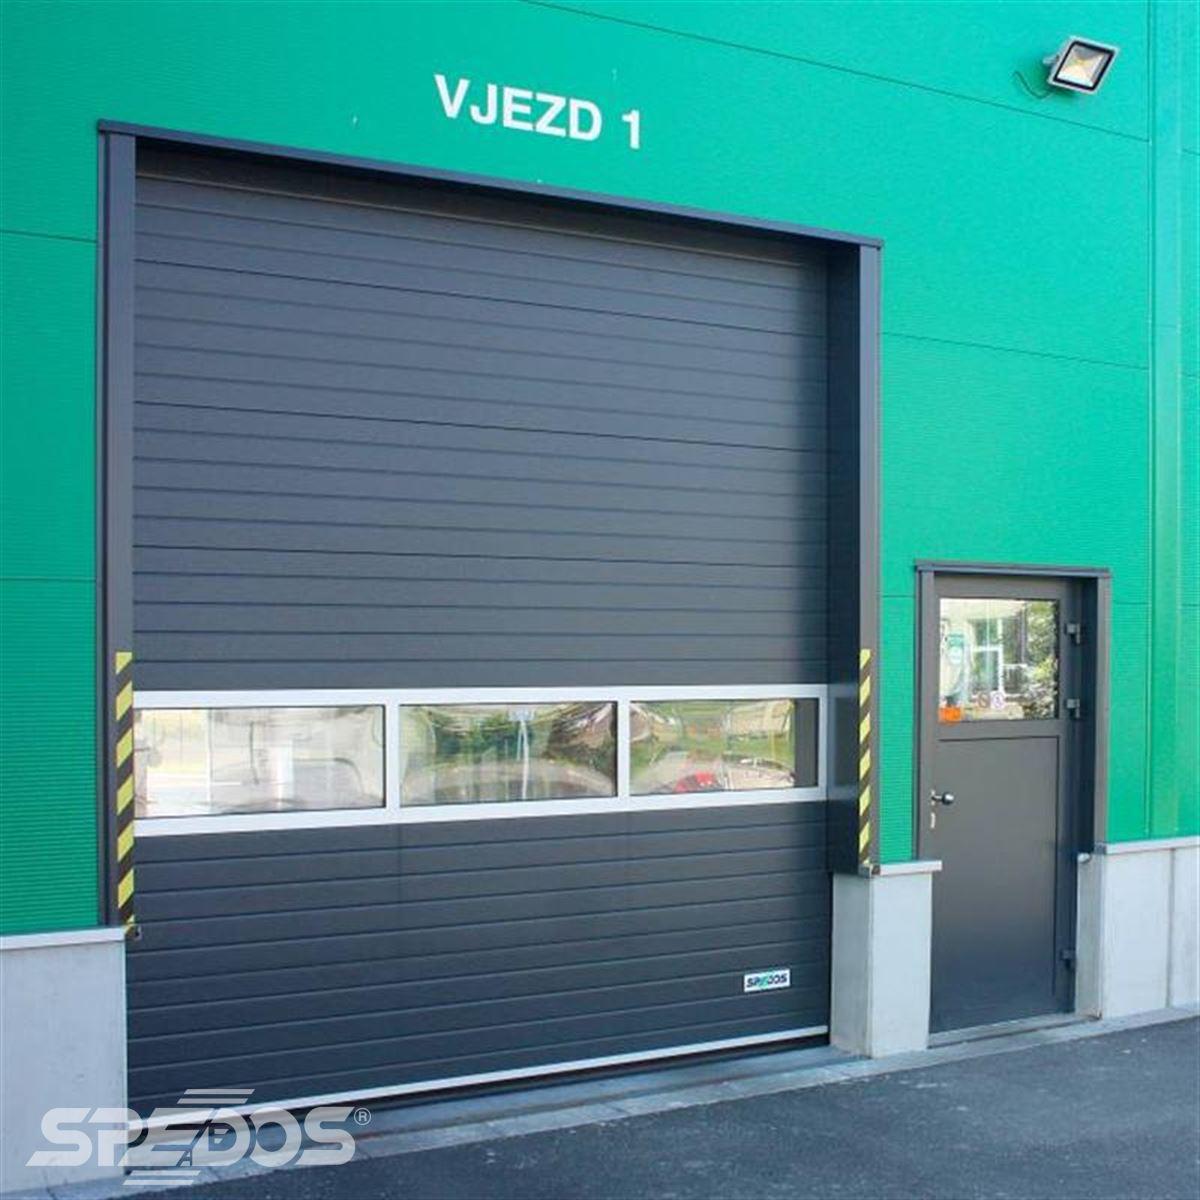 moderní sekční vrata Spedos